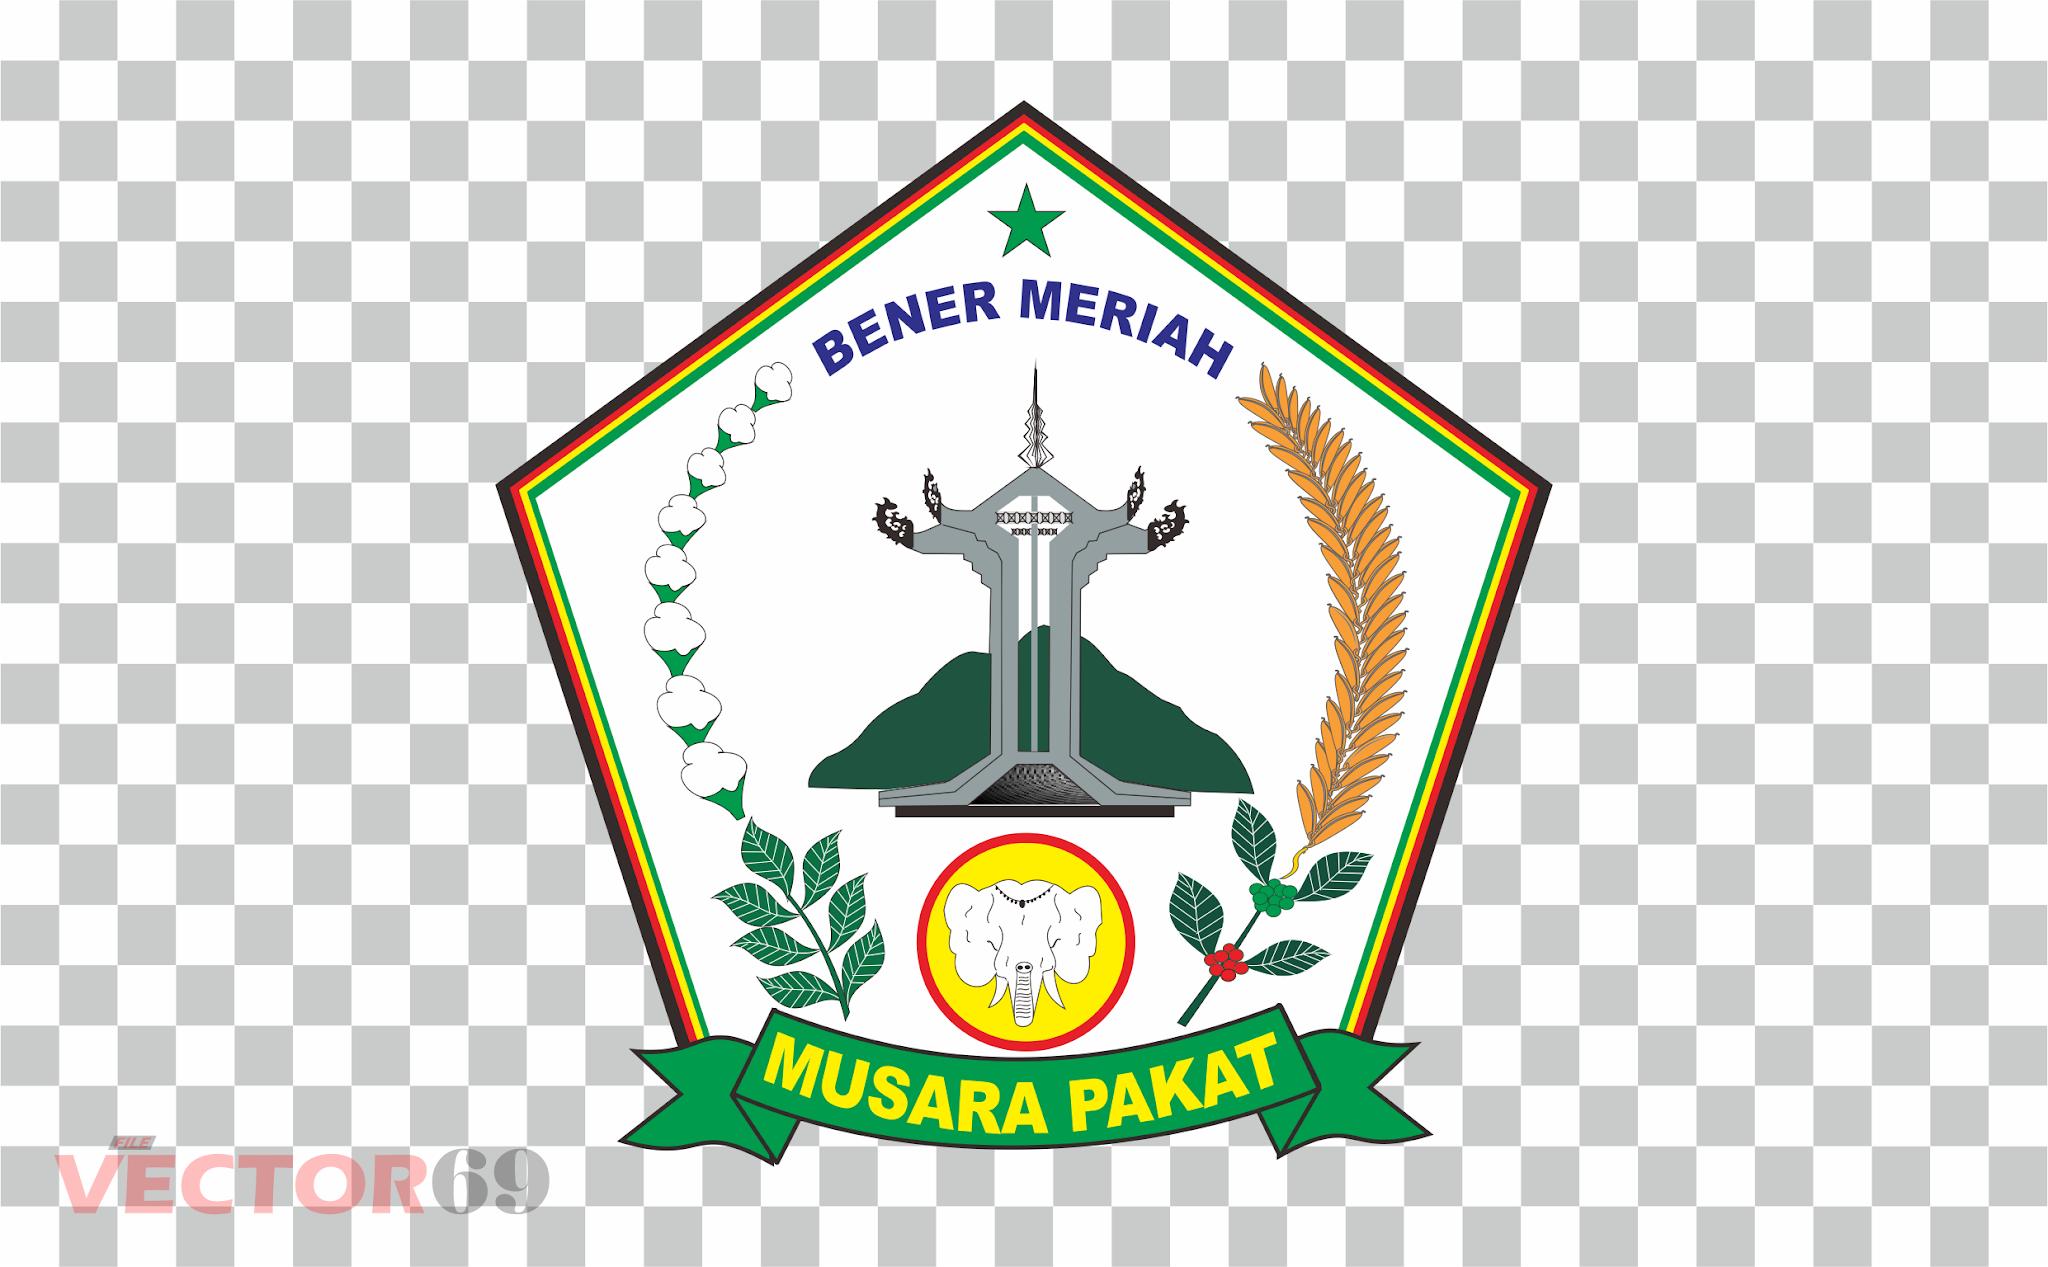 Kabupaten Bener Meriah Logo - Download Vector File PNG (Portable Network Graphics)